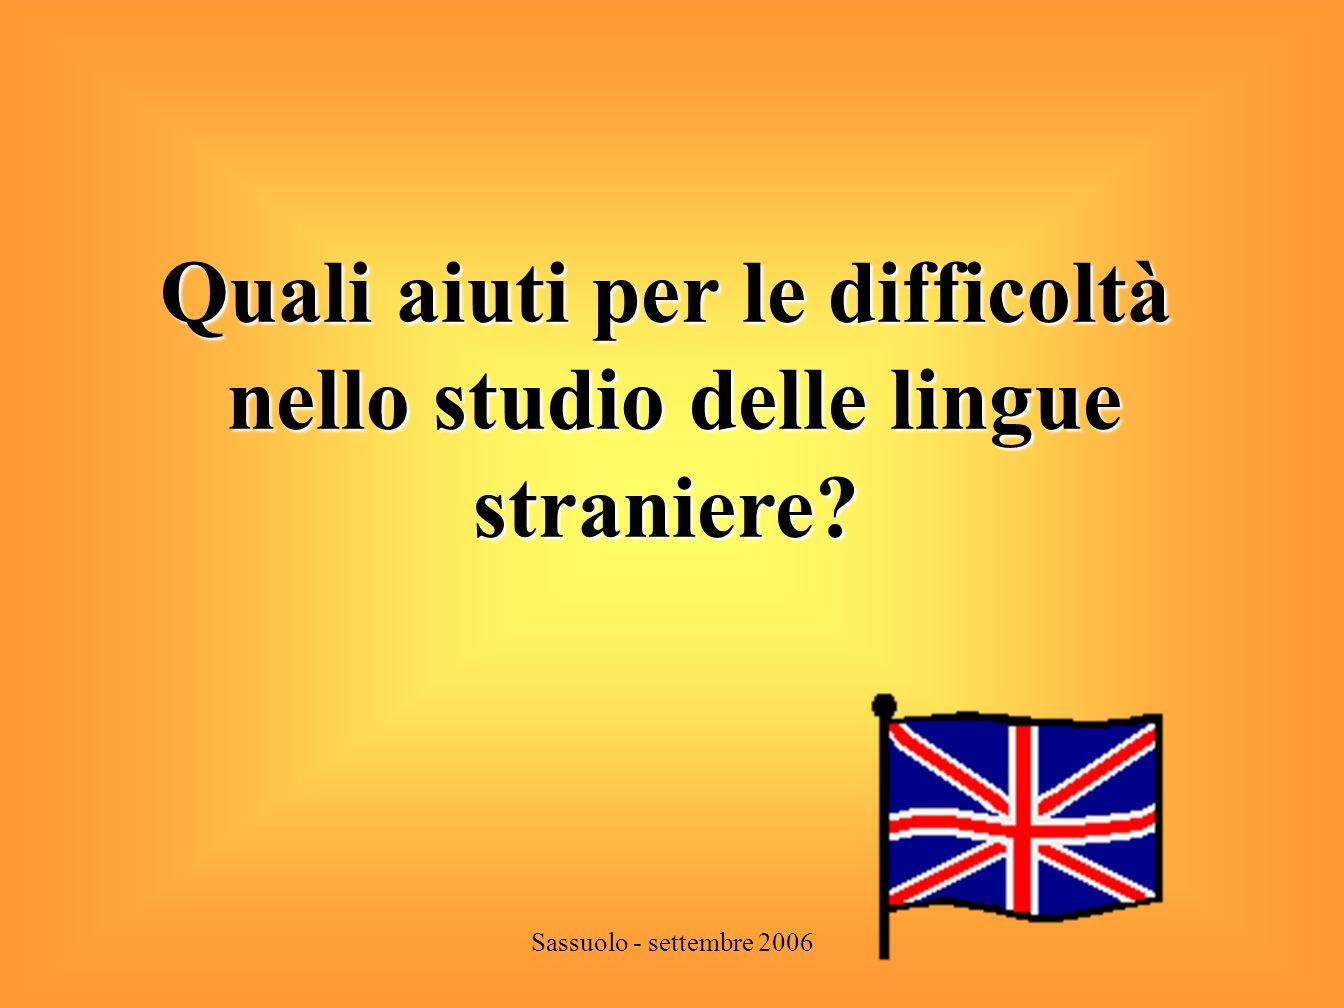 Quali aiuti per le difficoltà nello studio delle lingue straniere